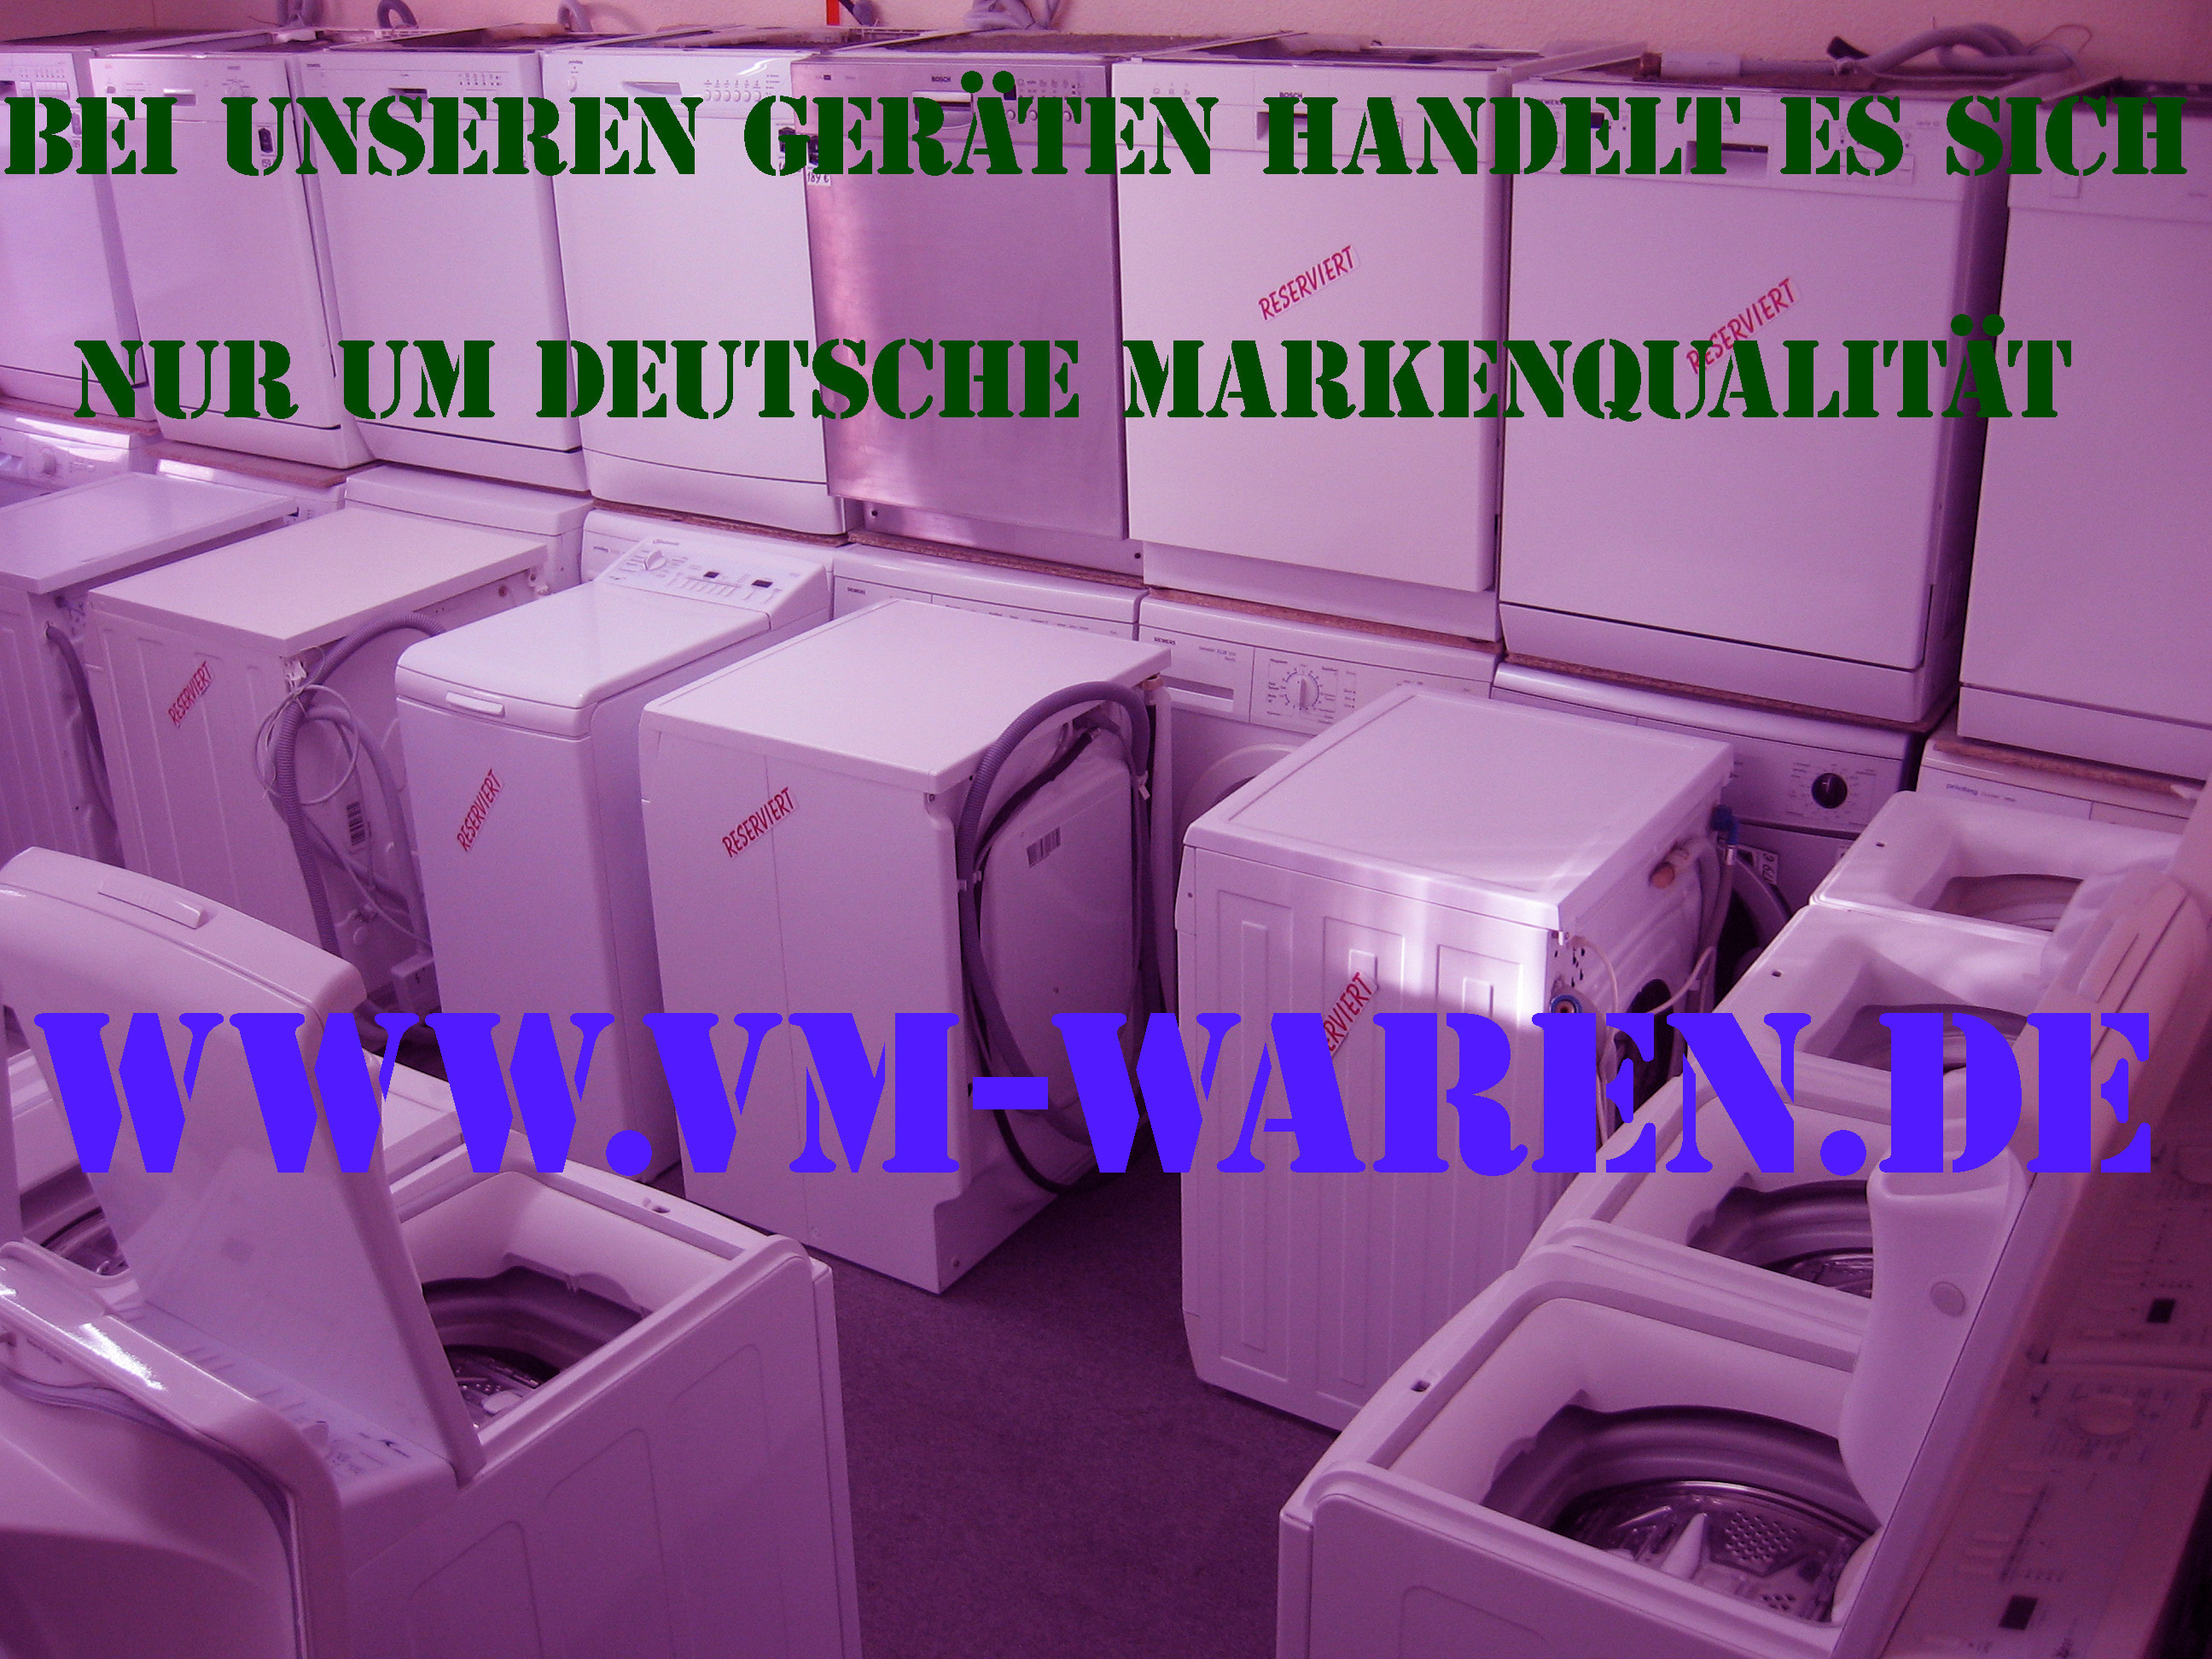 Gebrauchten spül und waschmaschinen nur deutsche markenprodukte